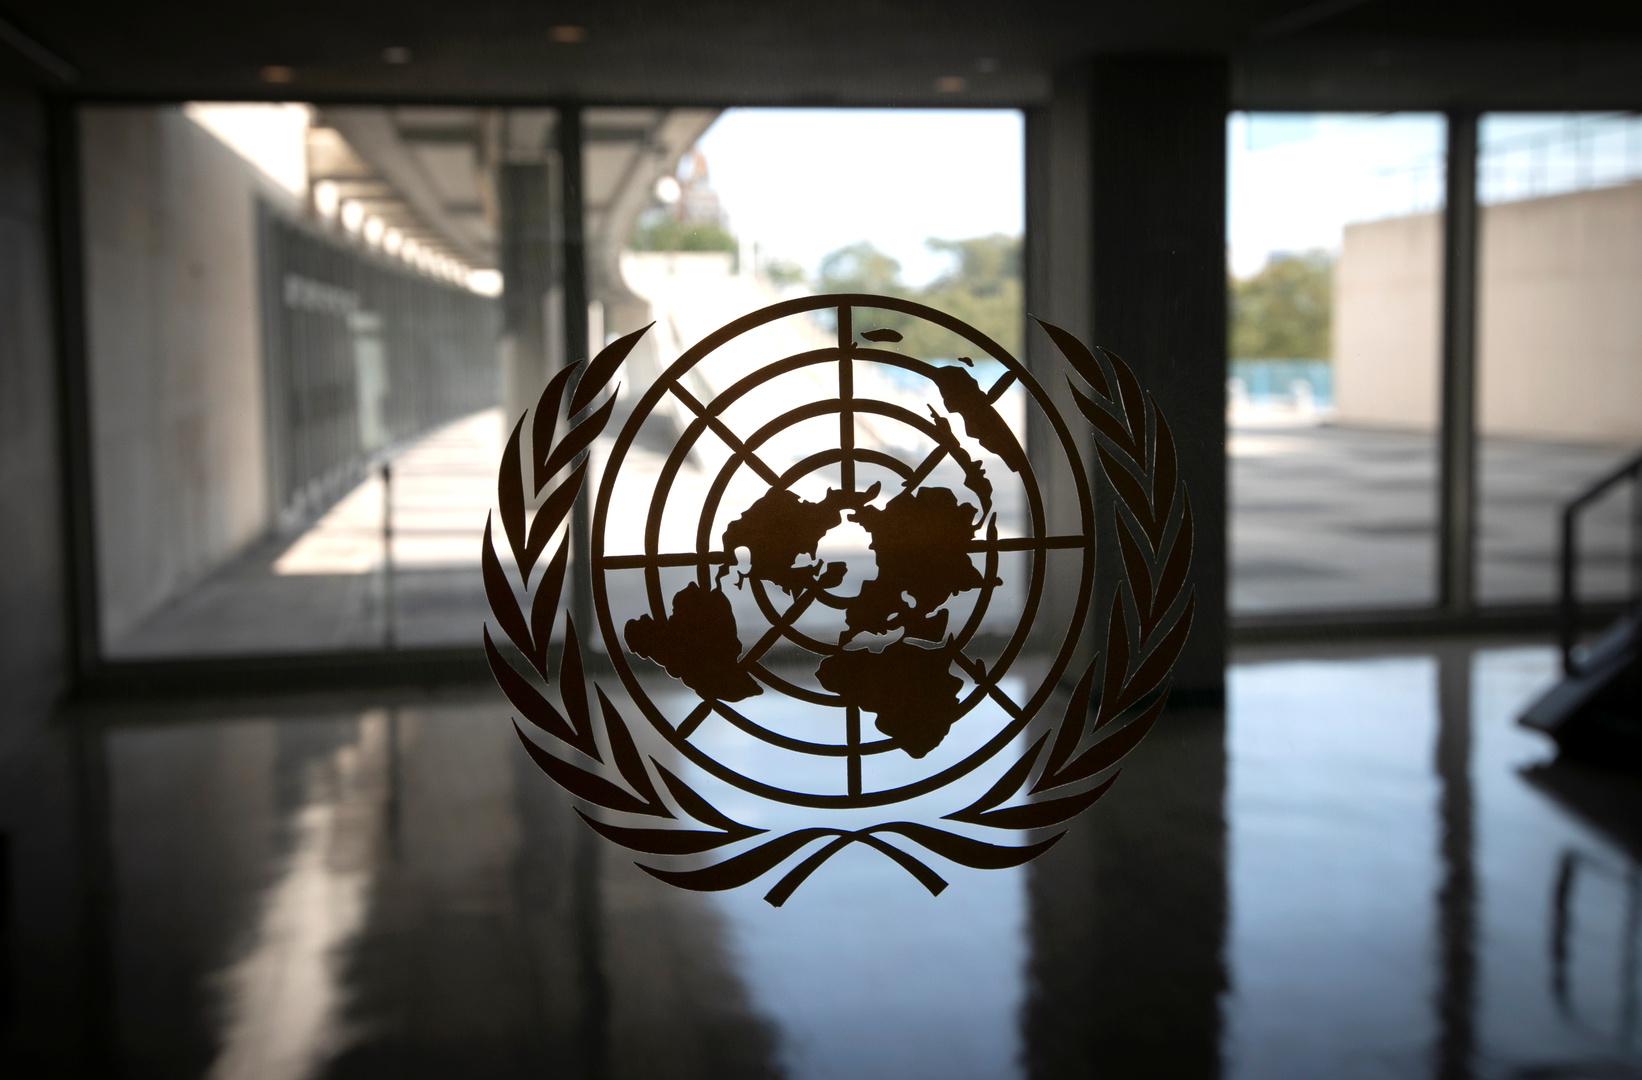 الأمم المتحدة تتوقع نمو الاقتصاد العالمي بنسبة 5.4٪ في 2021